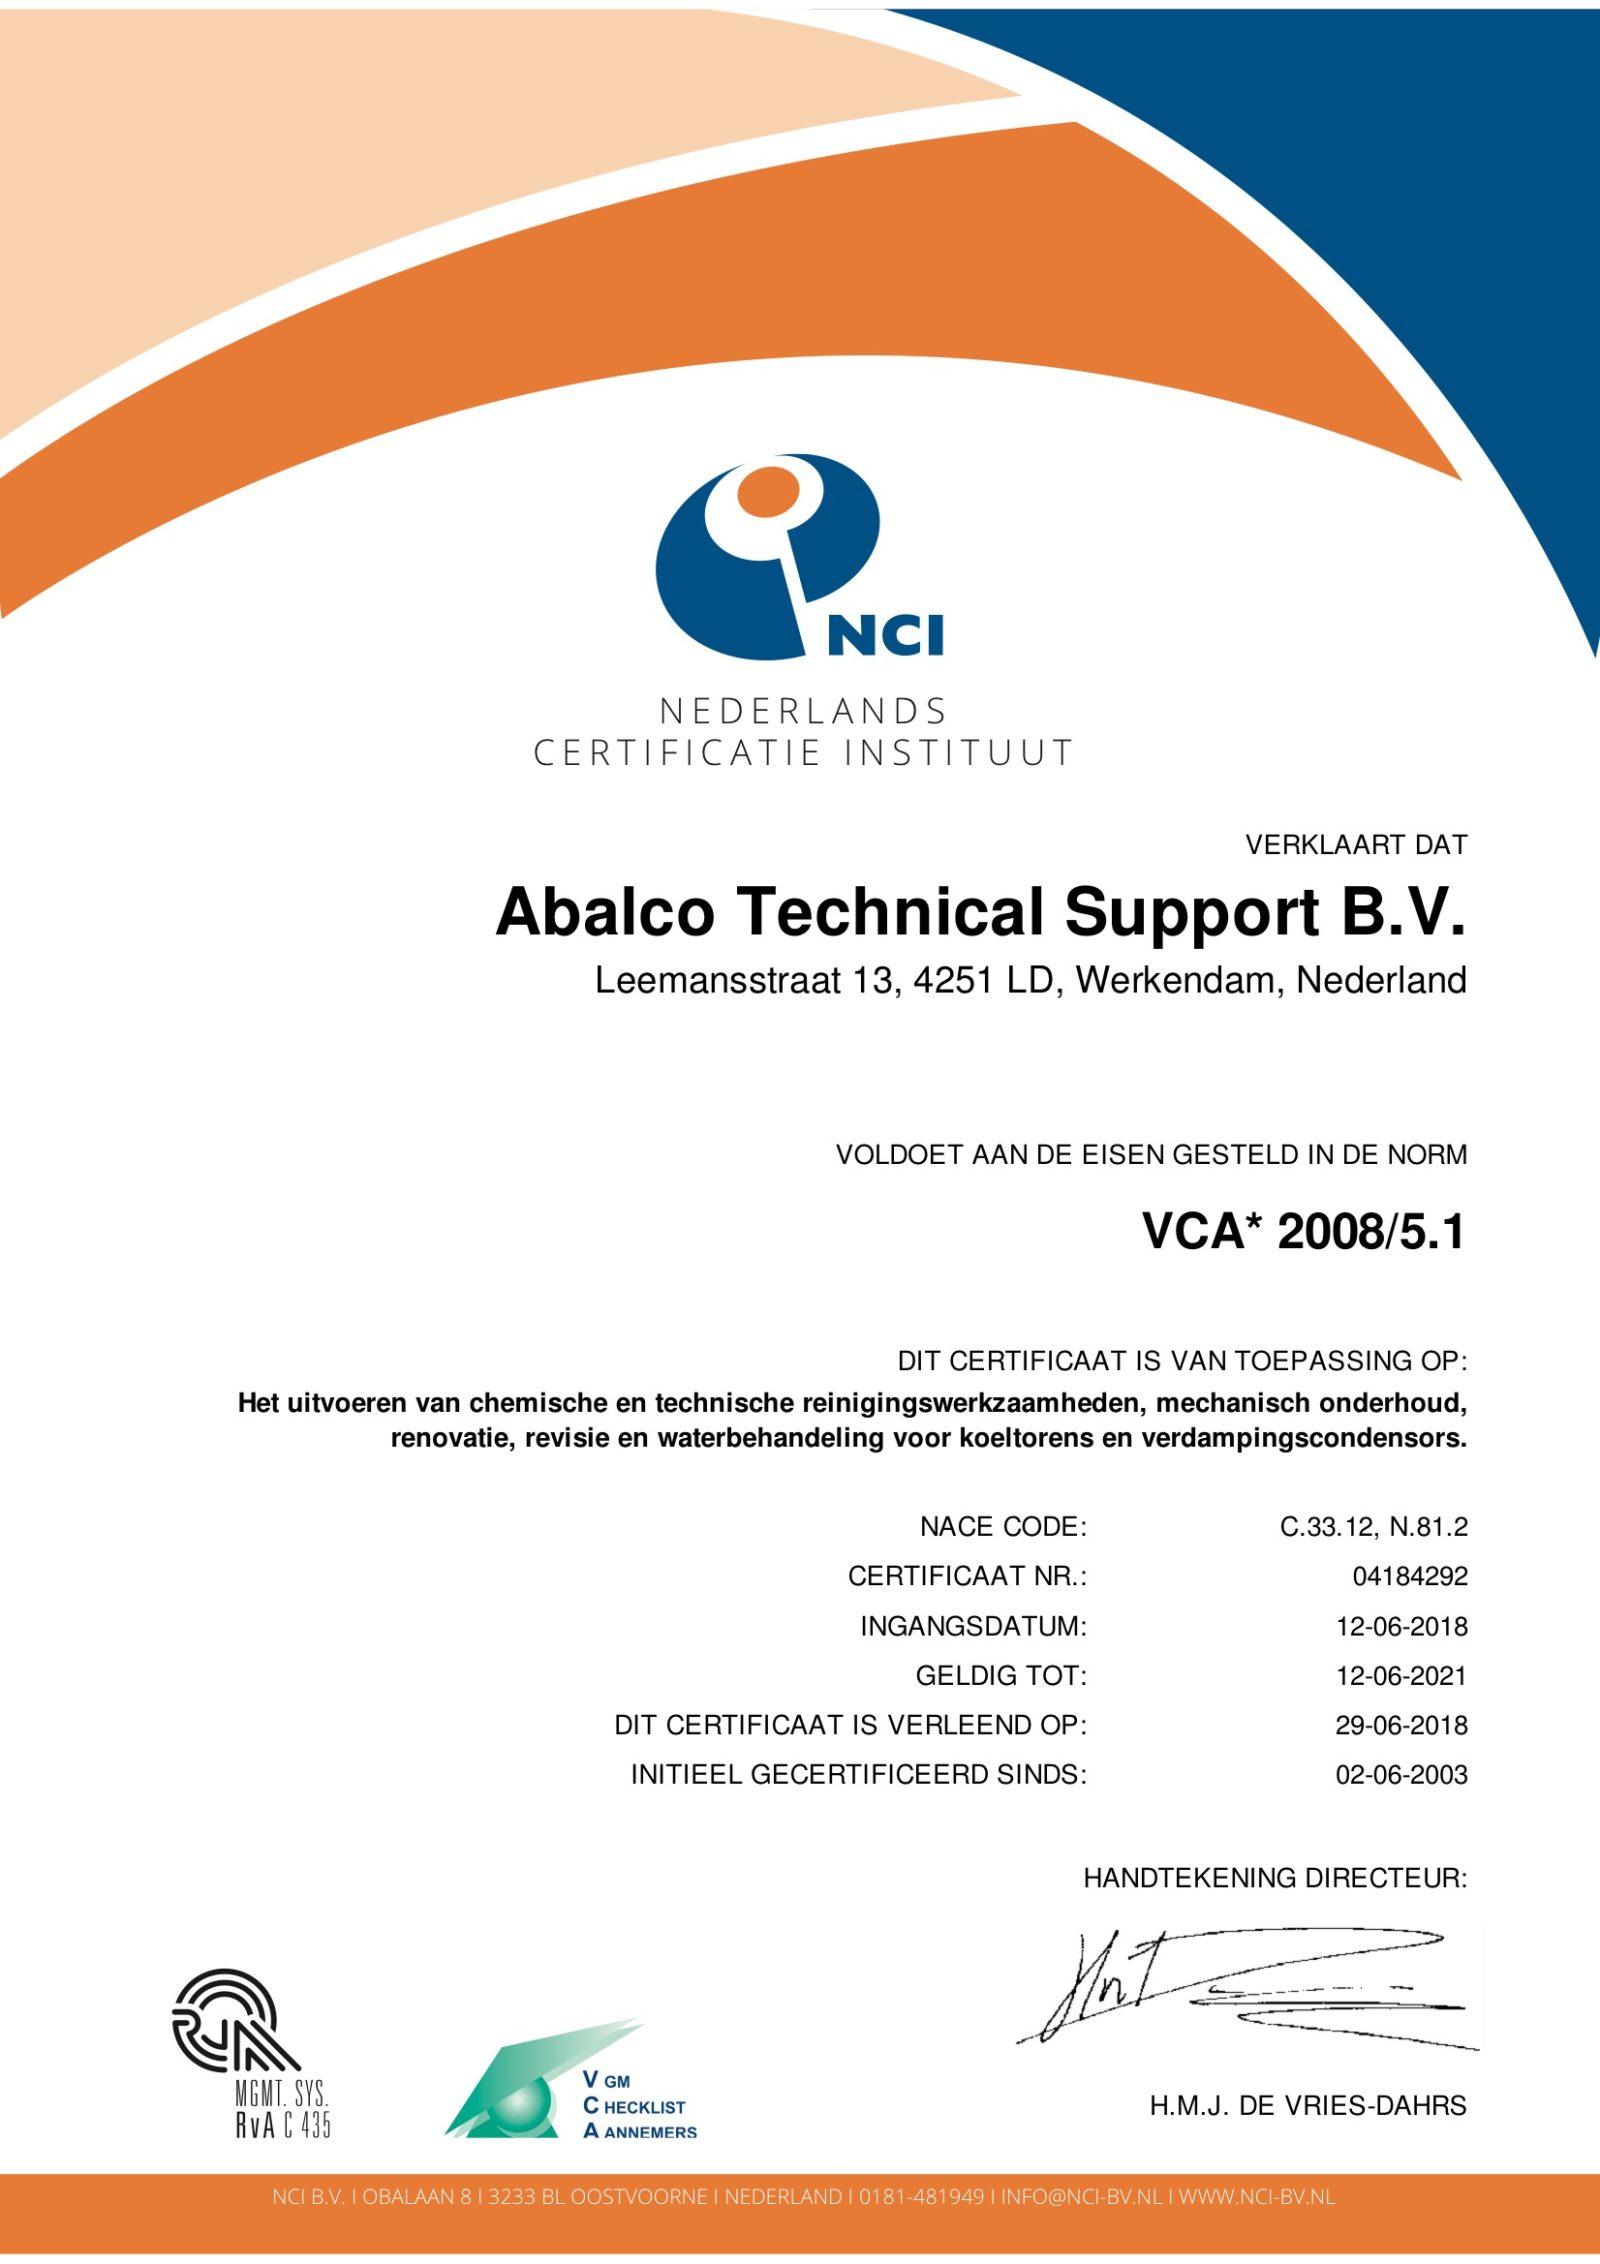 VCA1 2008/5.1